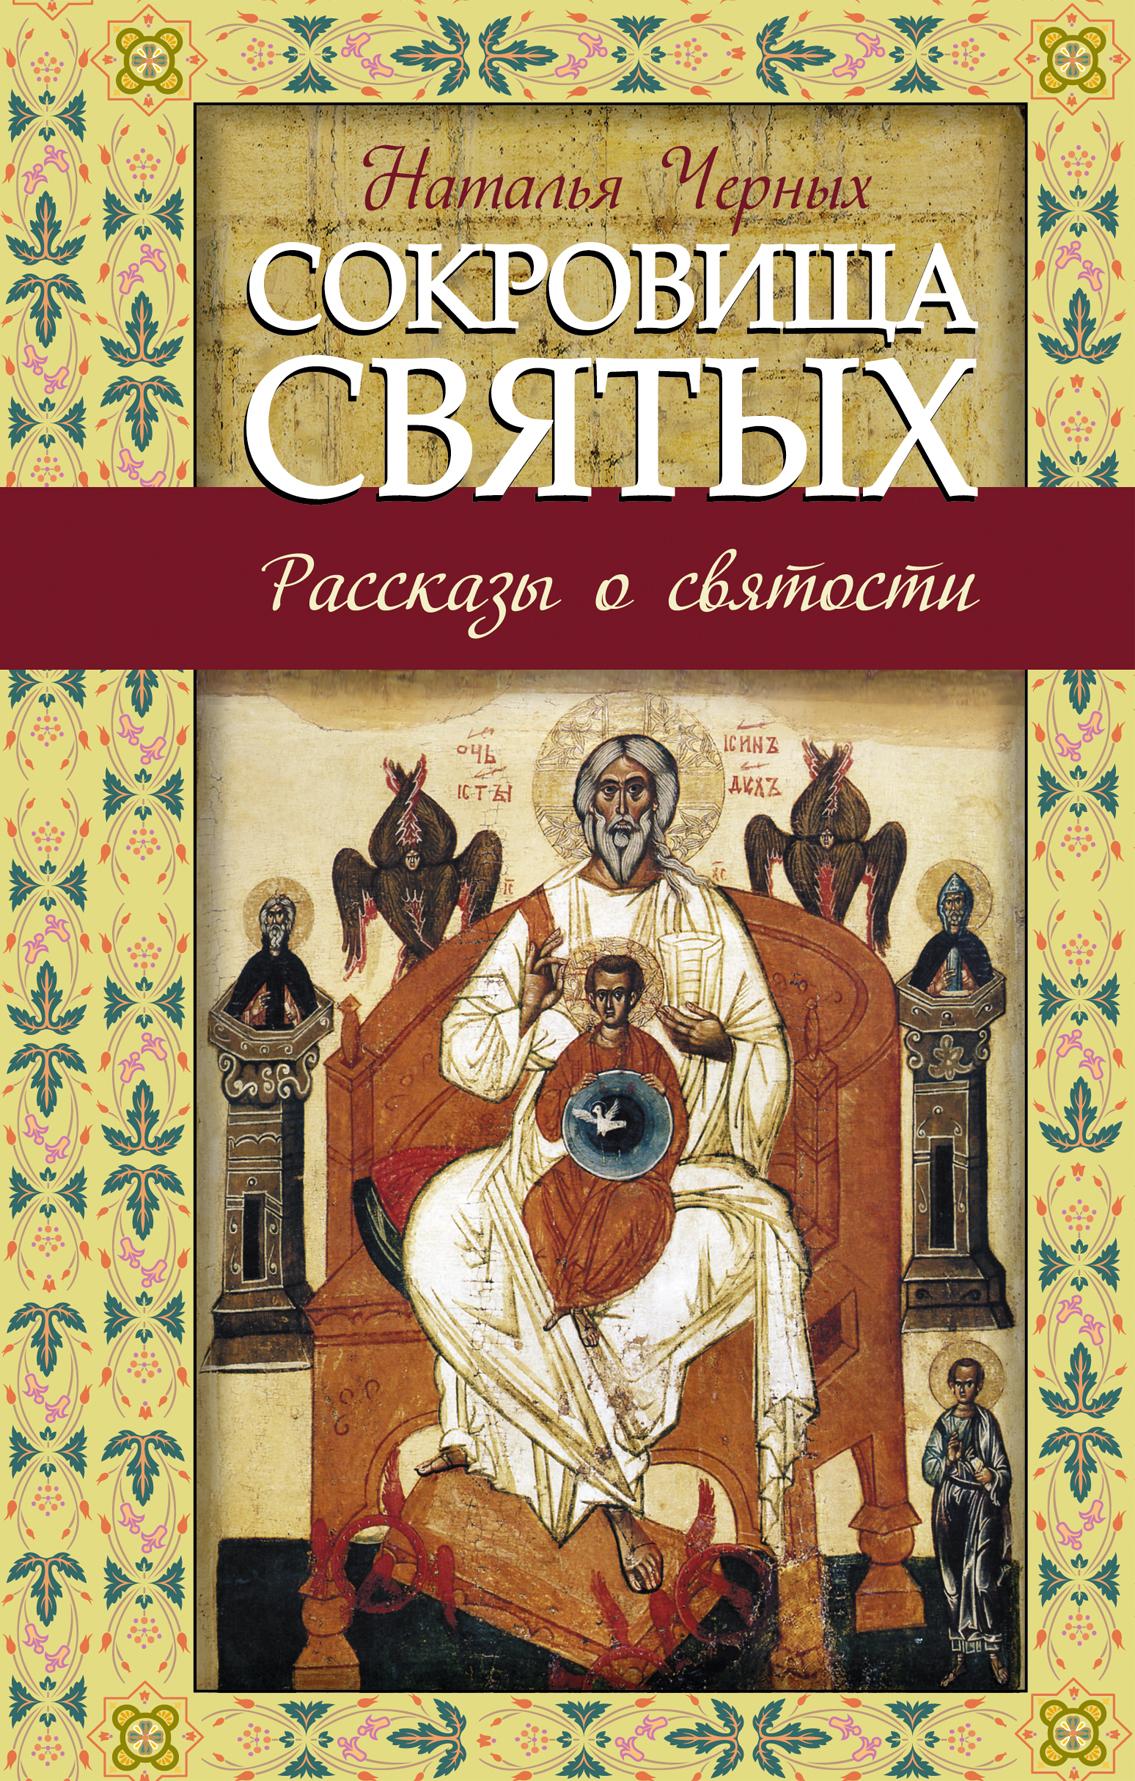 Черных Н.Б., Сокровища святых: Рассказы о святости